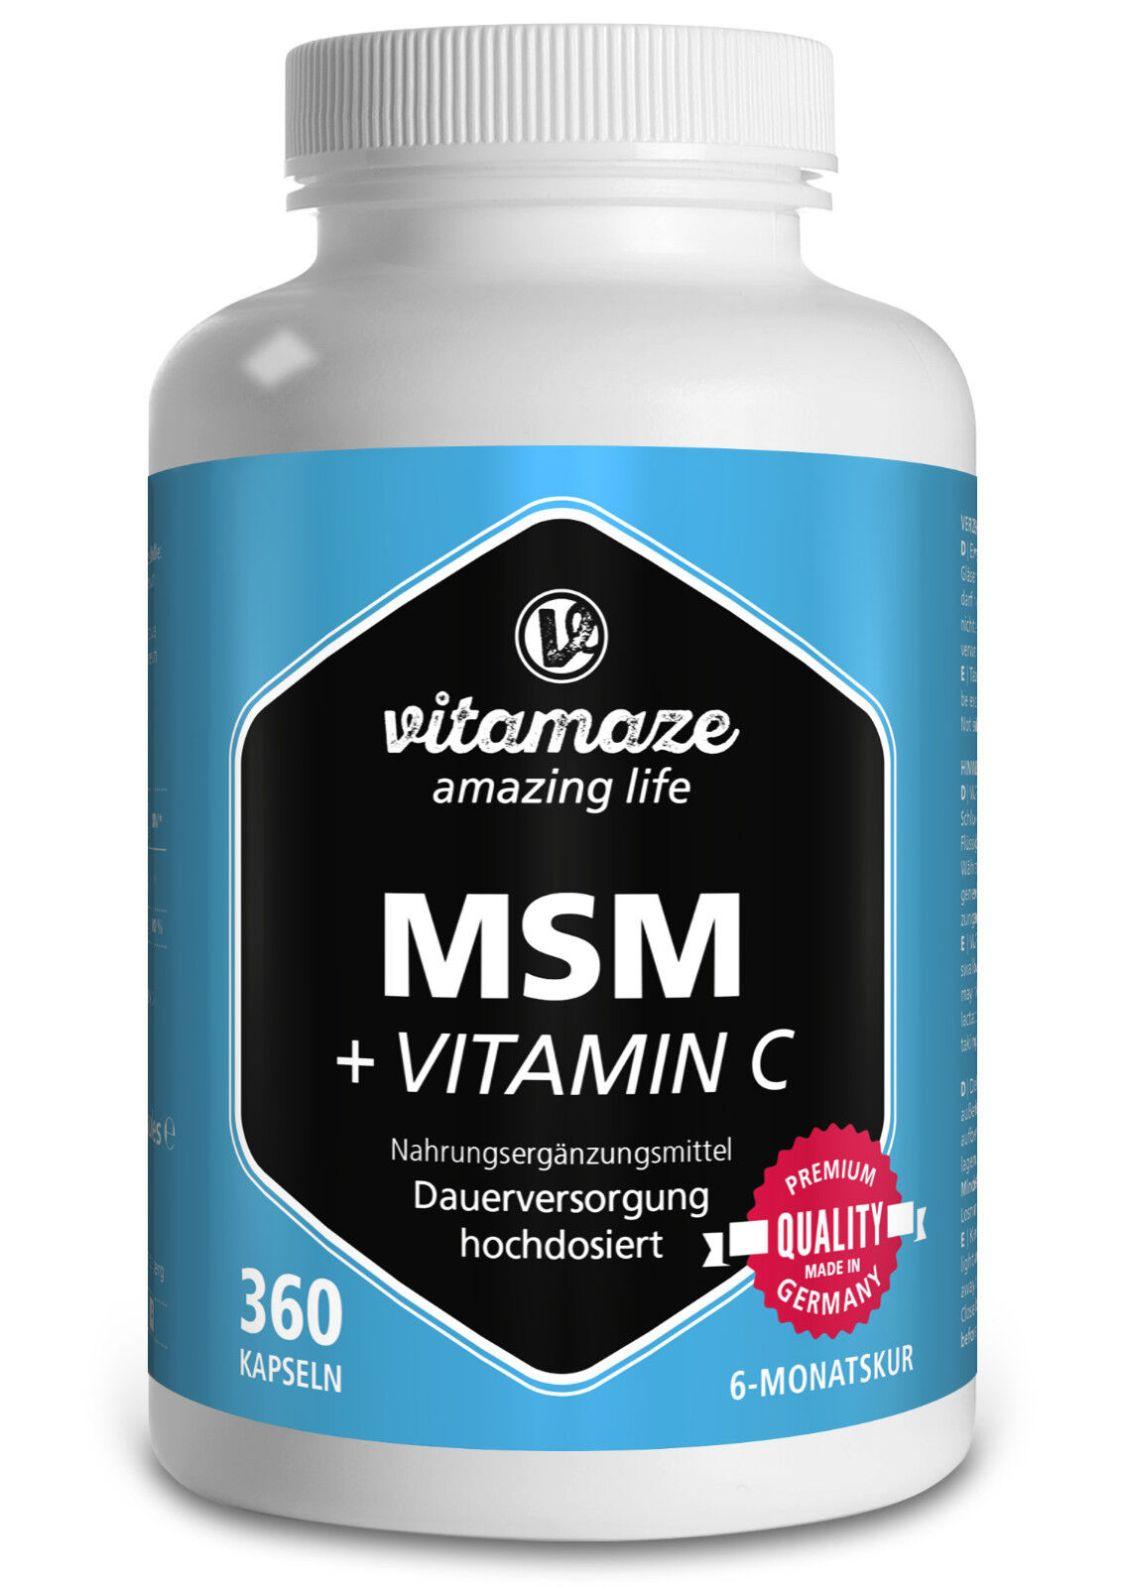 MSM Kapseln + Vitamin C 360 Stück für 6 Monate Methylsulfonylmethan 99,9% rein